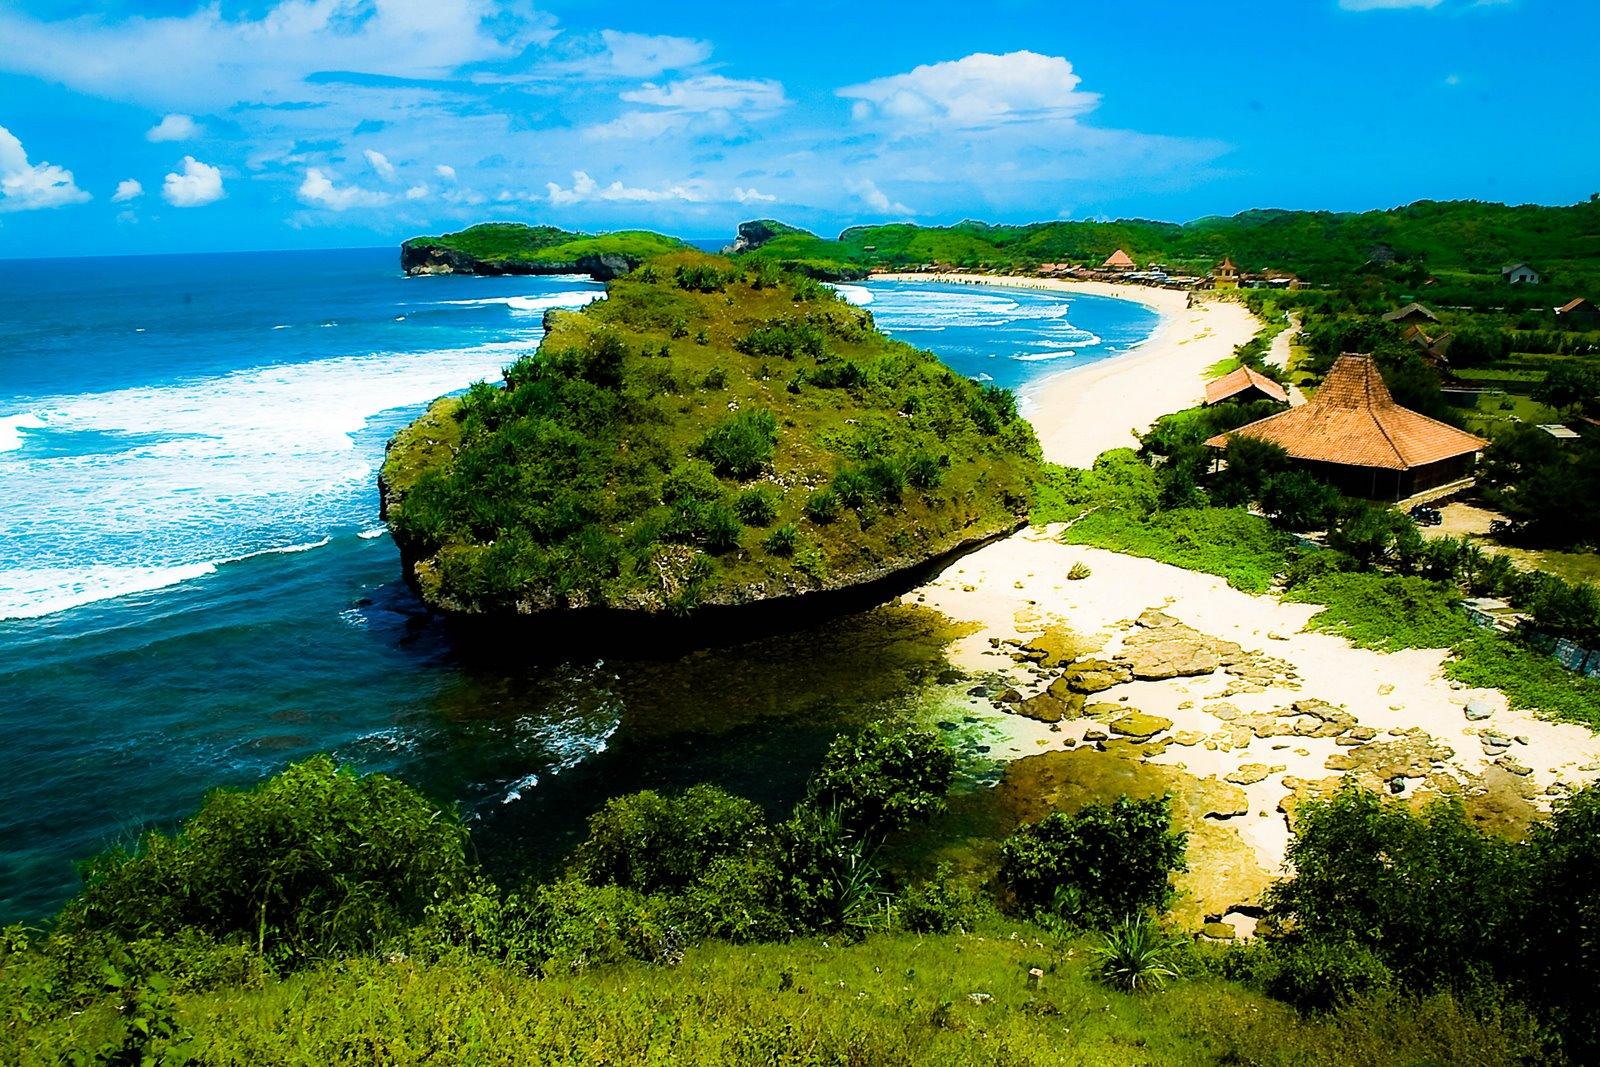 Wisata Pantai  vacationguide